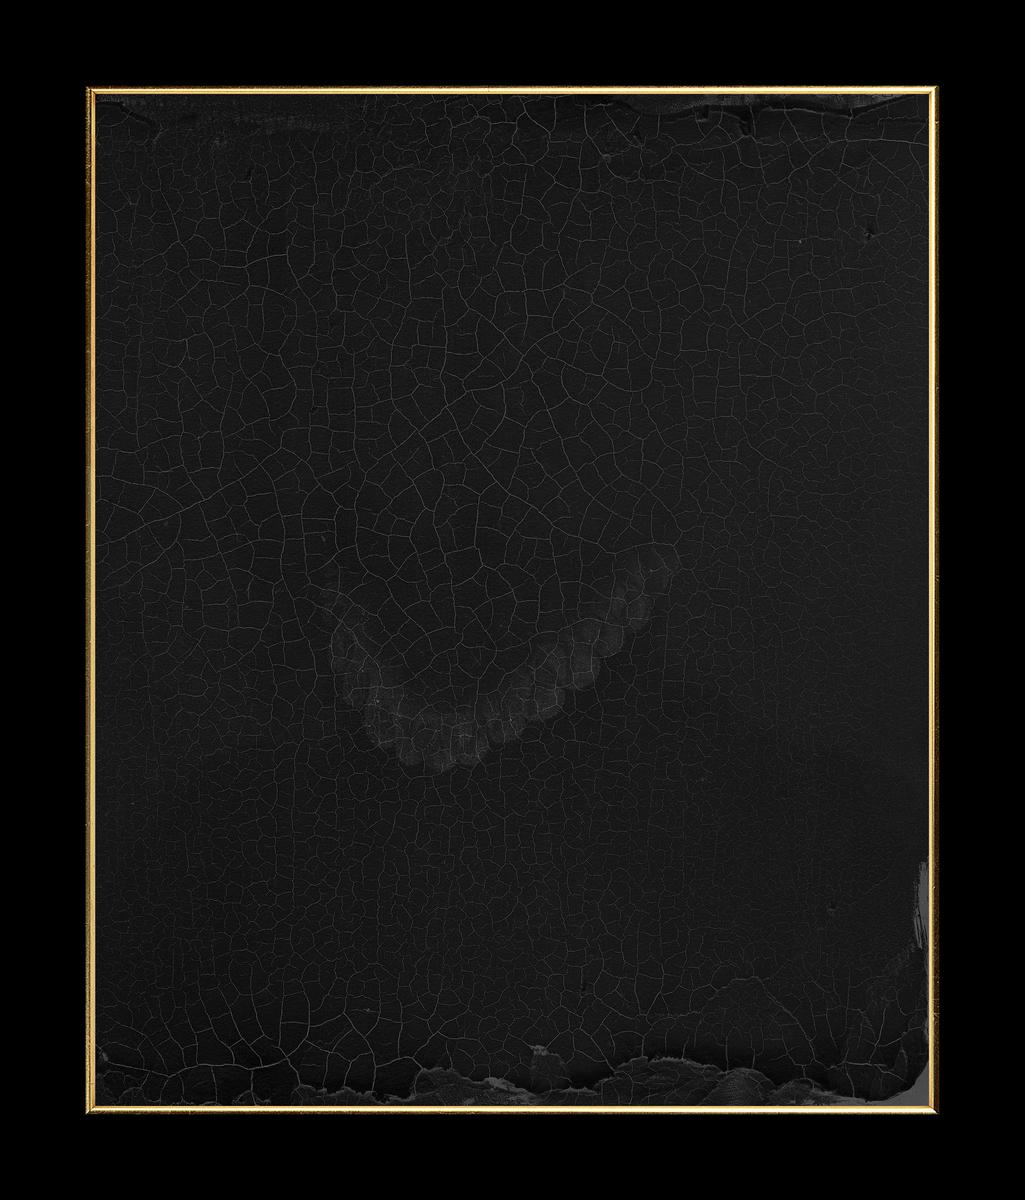 Lamberto Teotino, Mary Shelley stampa archival ai pigmenti, carta cotone hahnemuhle montata su dibond con cornice in foglia d'oro 66.5x80